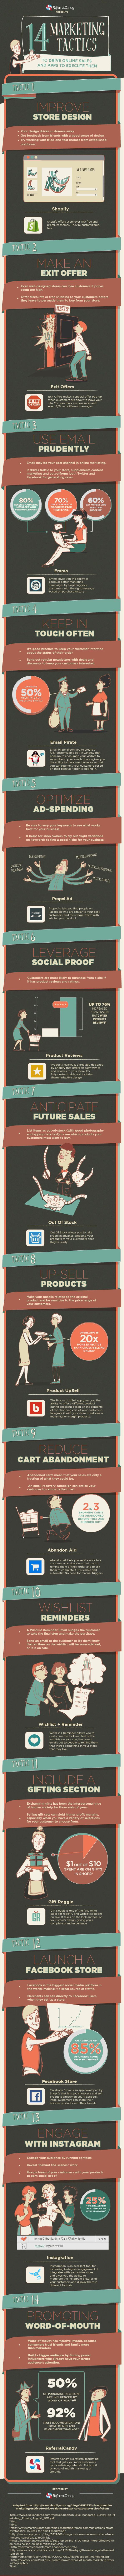 14-marketing-strategies-to-increase-online-sales